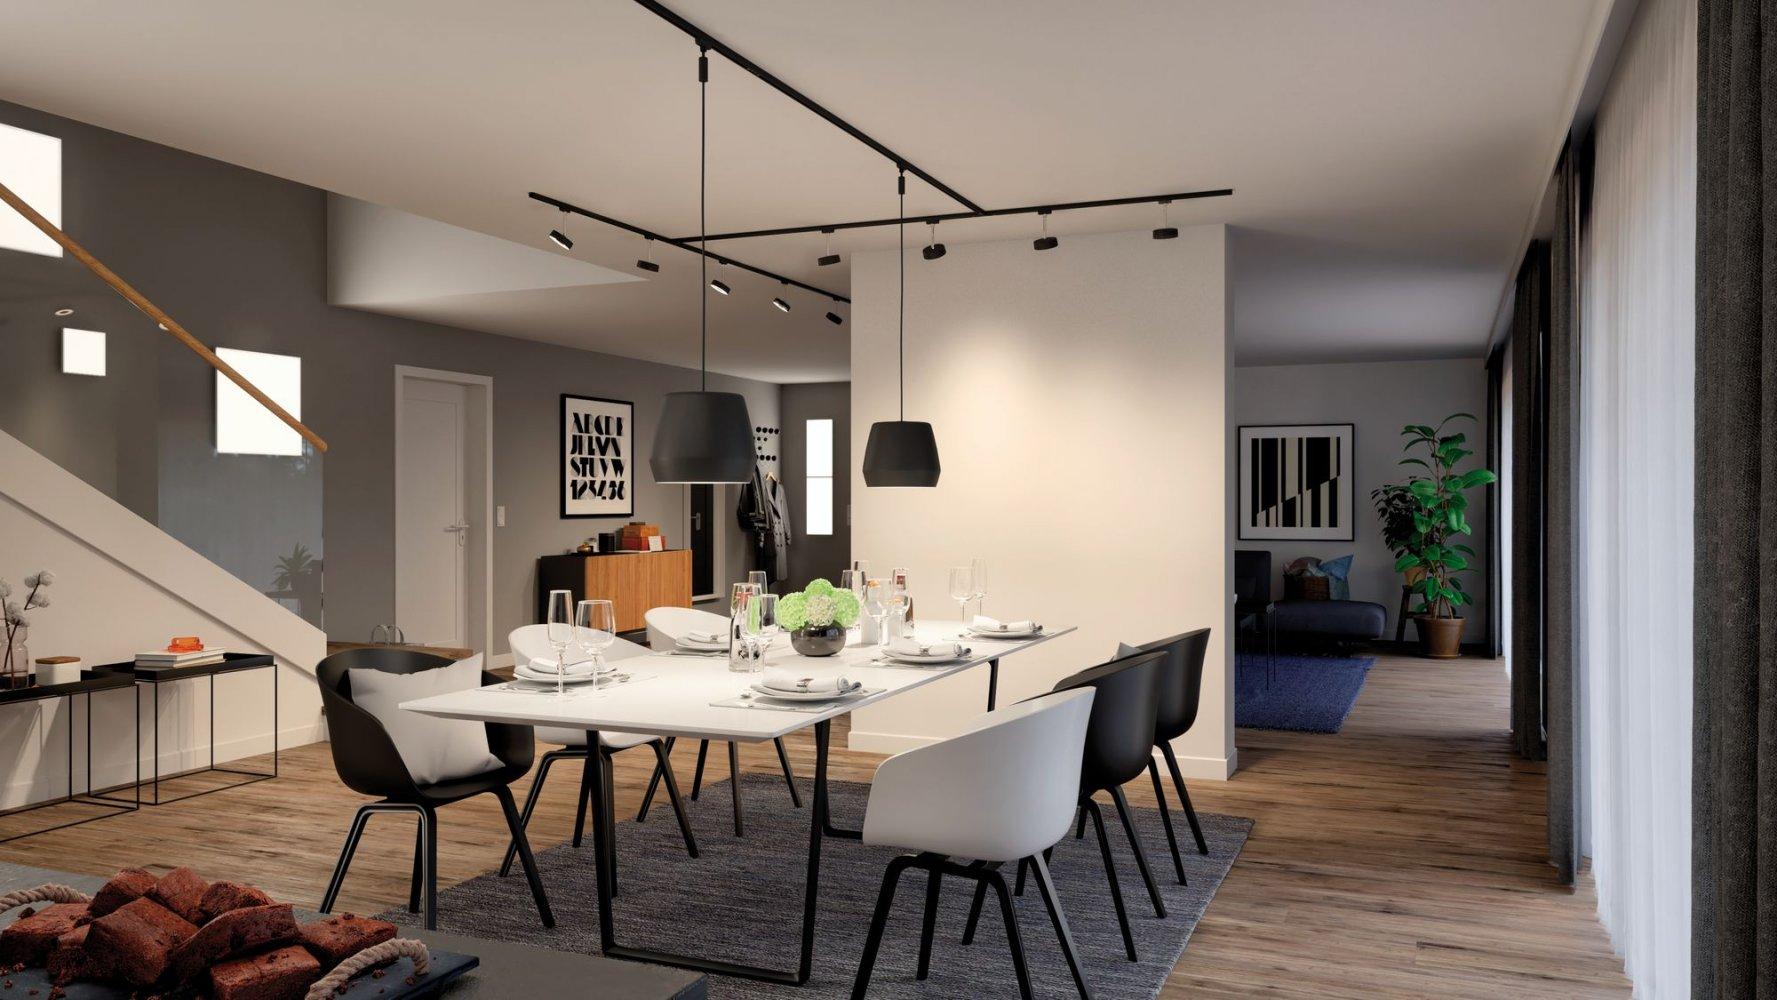 paulmann no 95136 urail schienensystem verbinder starr 230v f r wei chrom matt eur 10 21. Black Bedroom Furniture Sets. Home Design Ideas